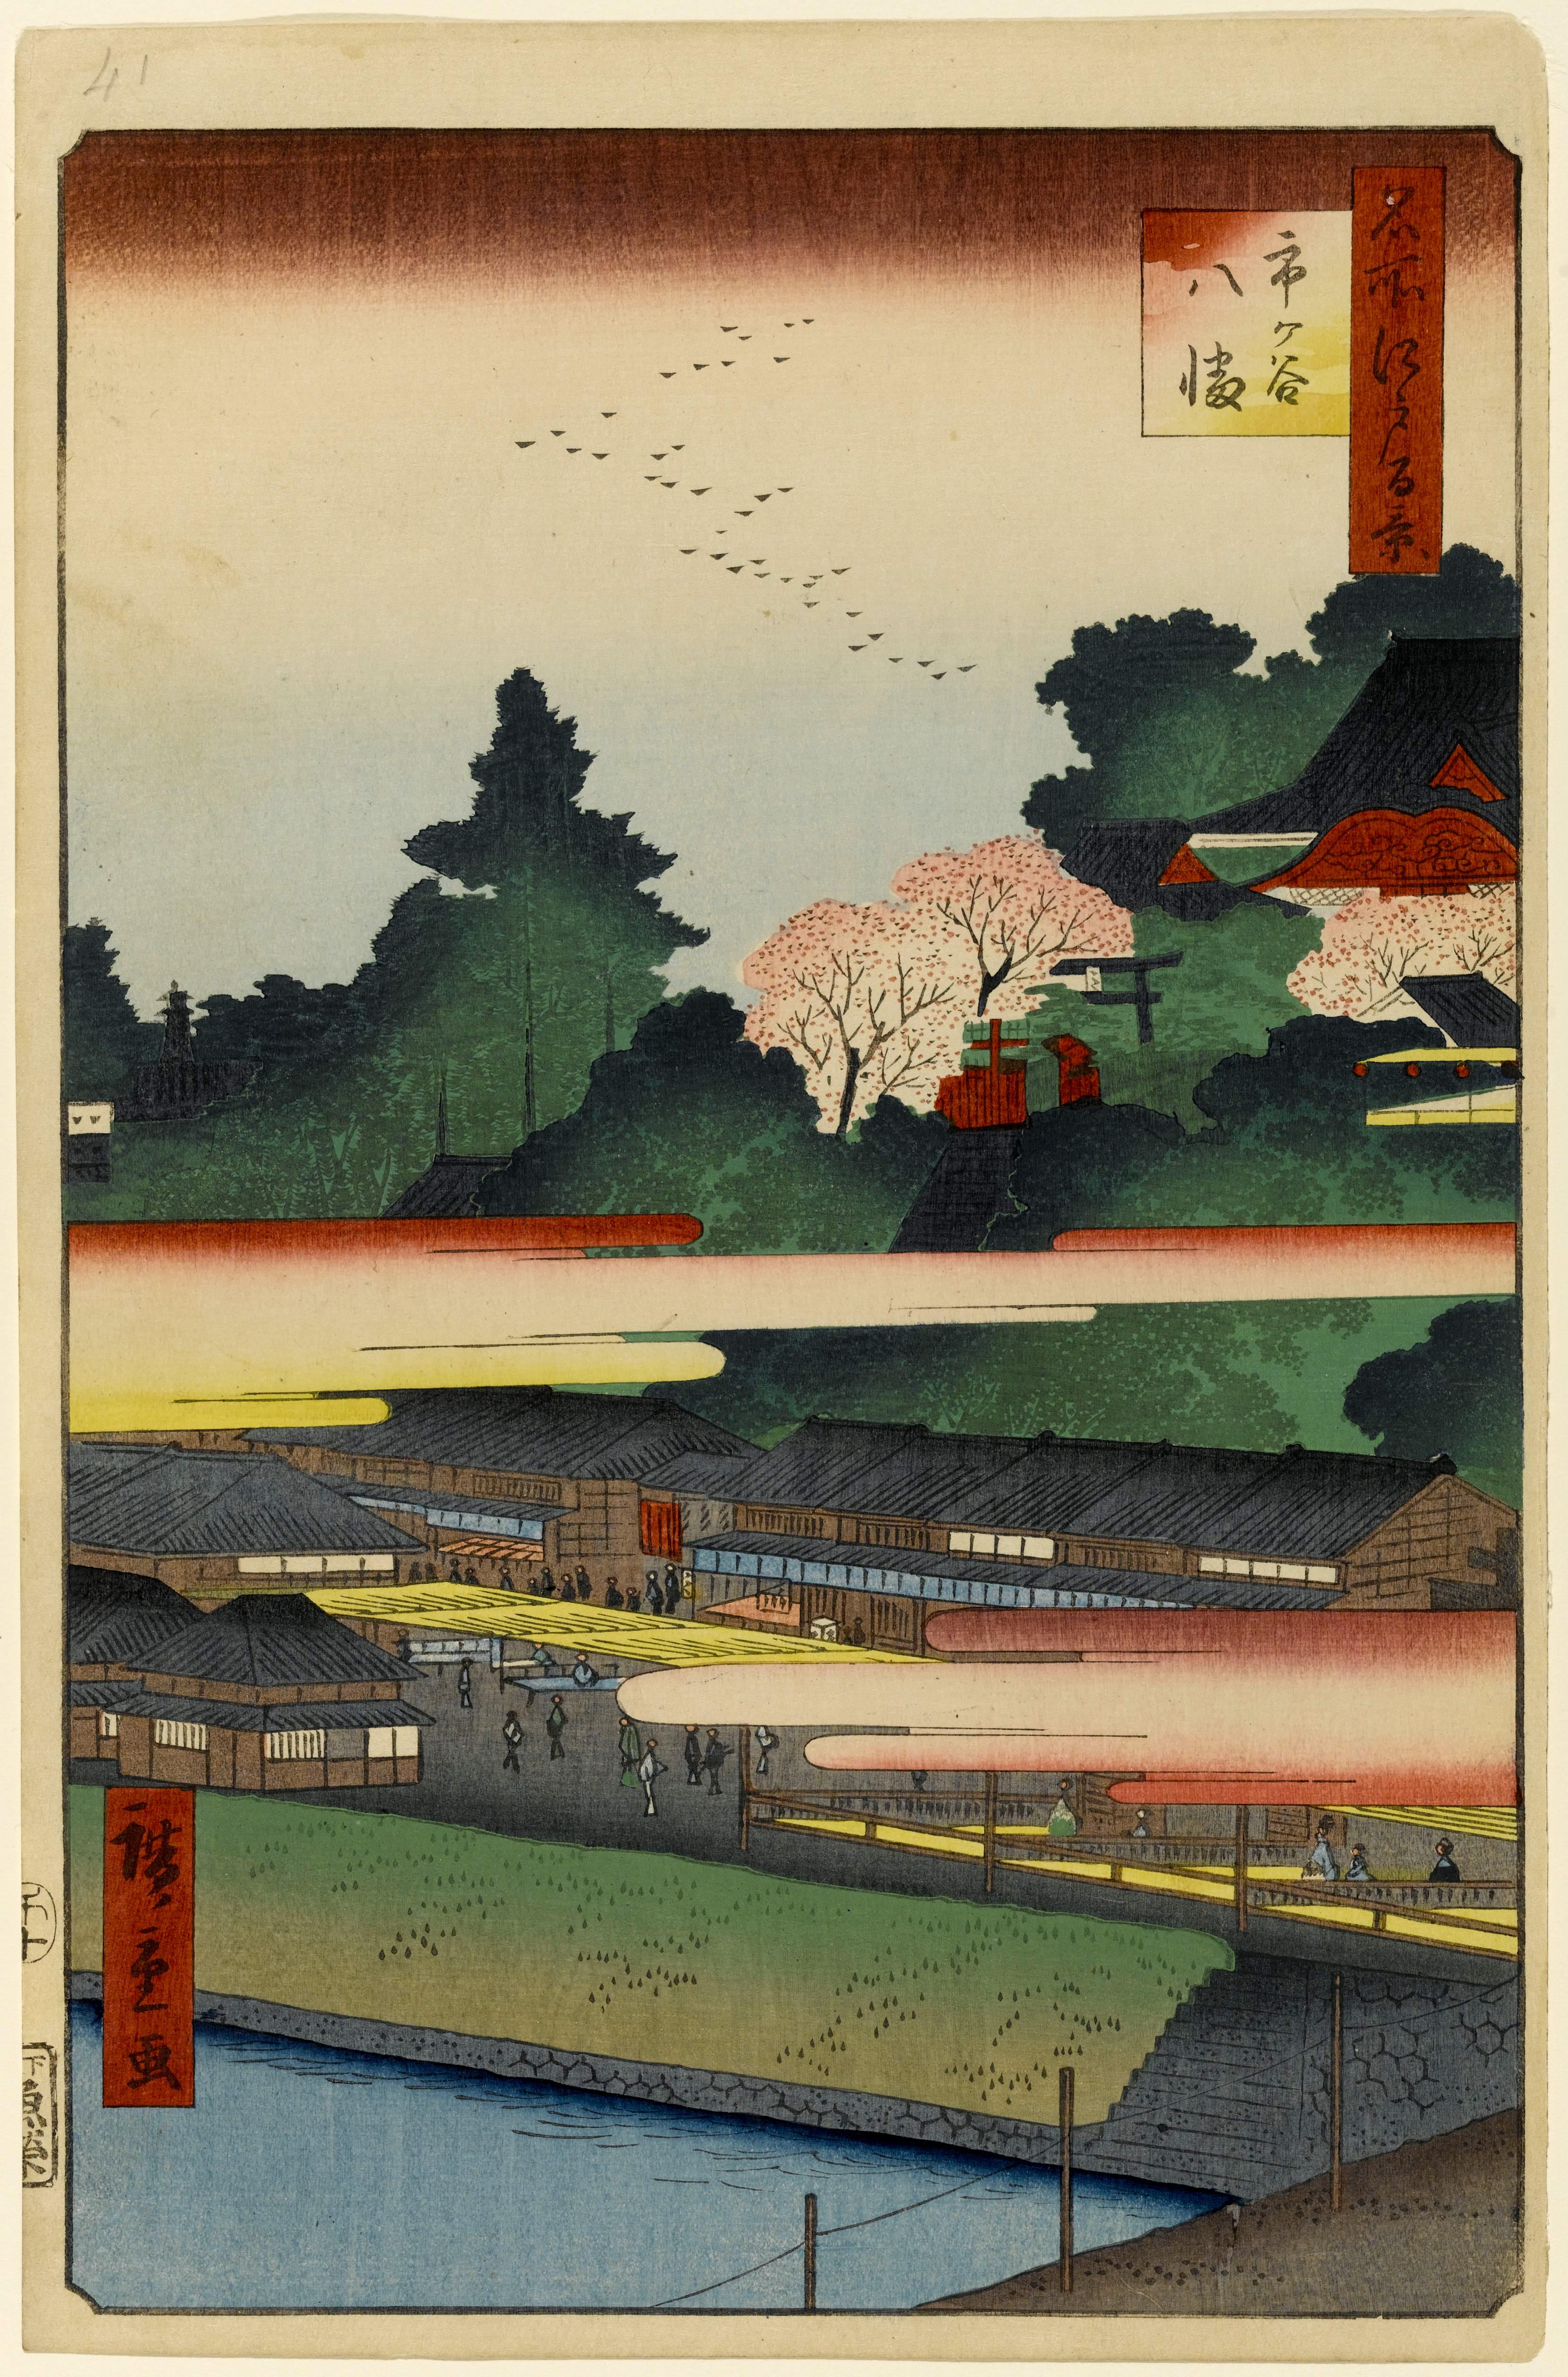 歌川広重 名所江戸百景 市ヶ谷八幡   壁紙画像コレクション